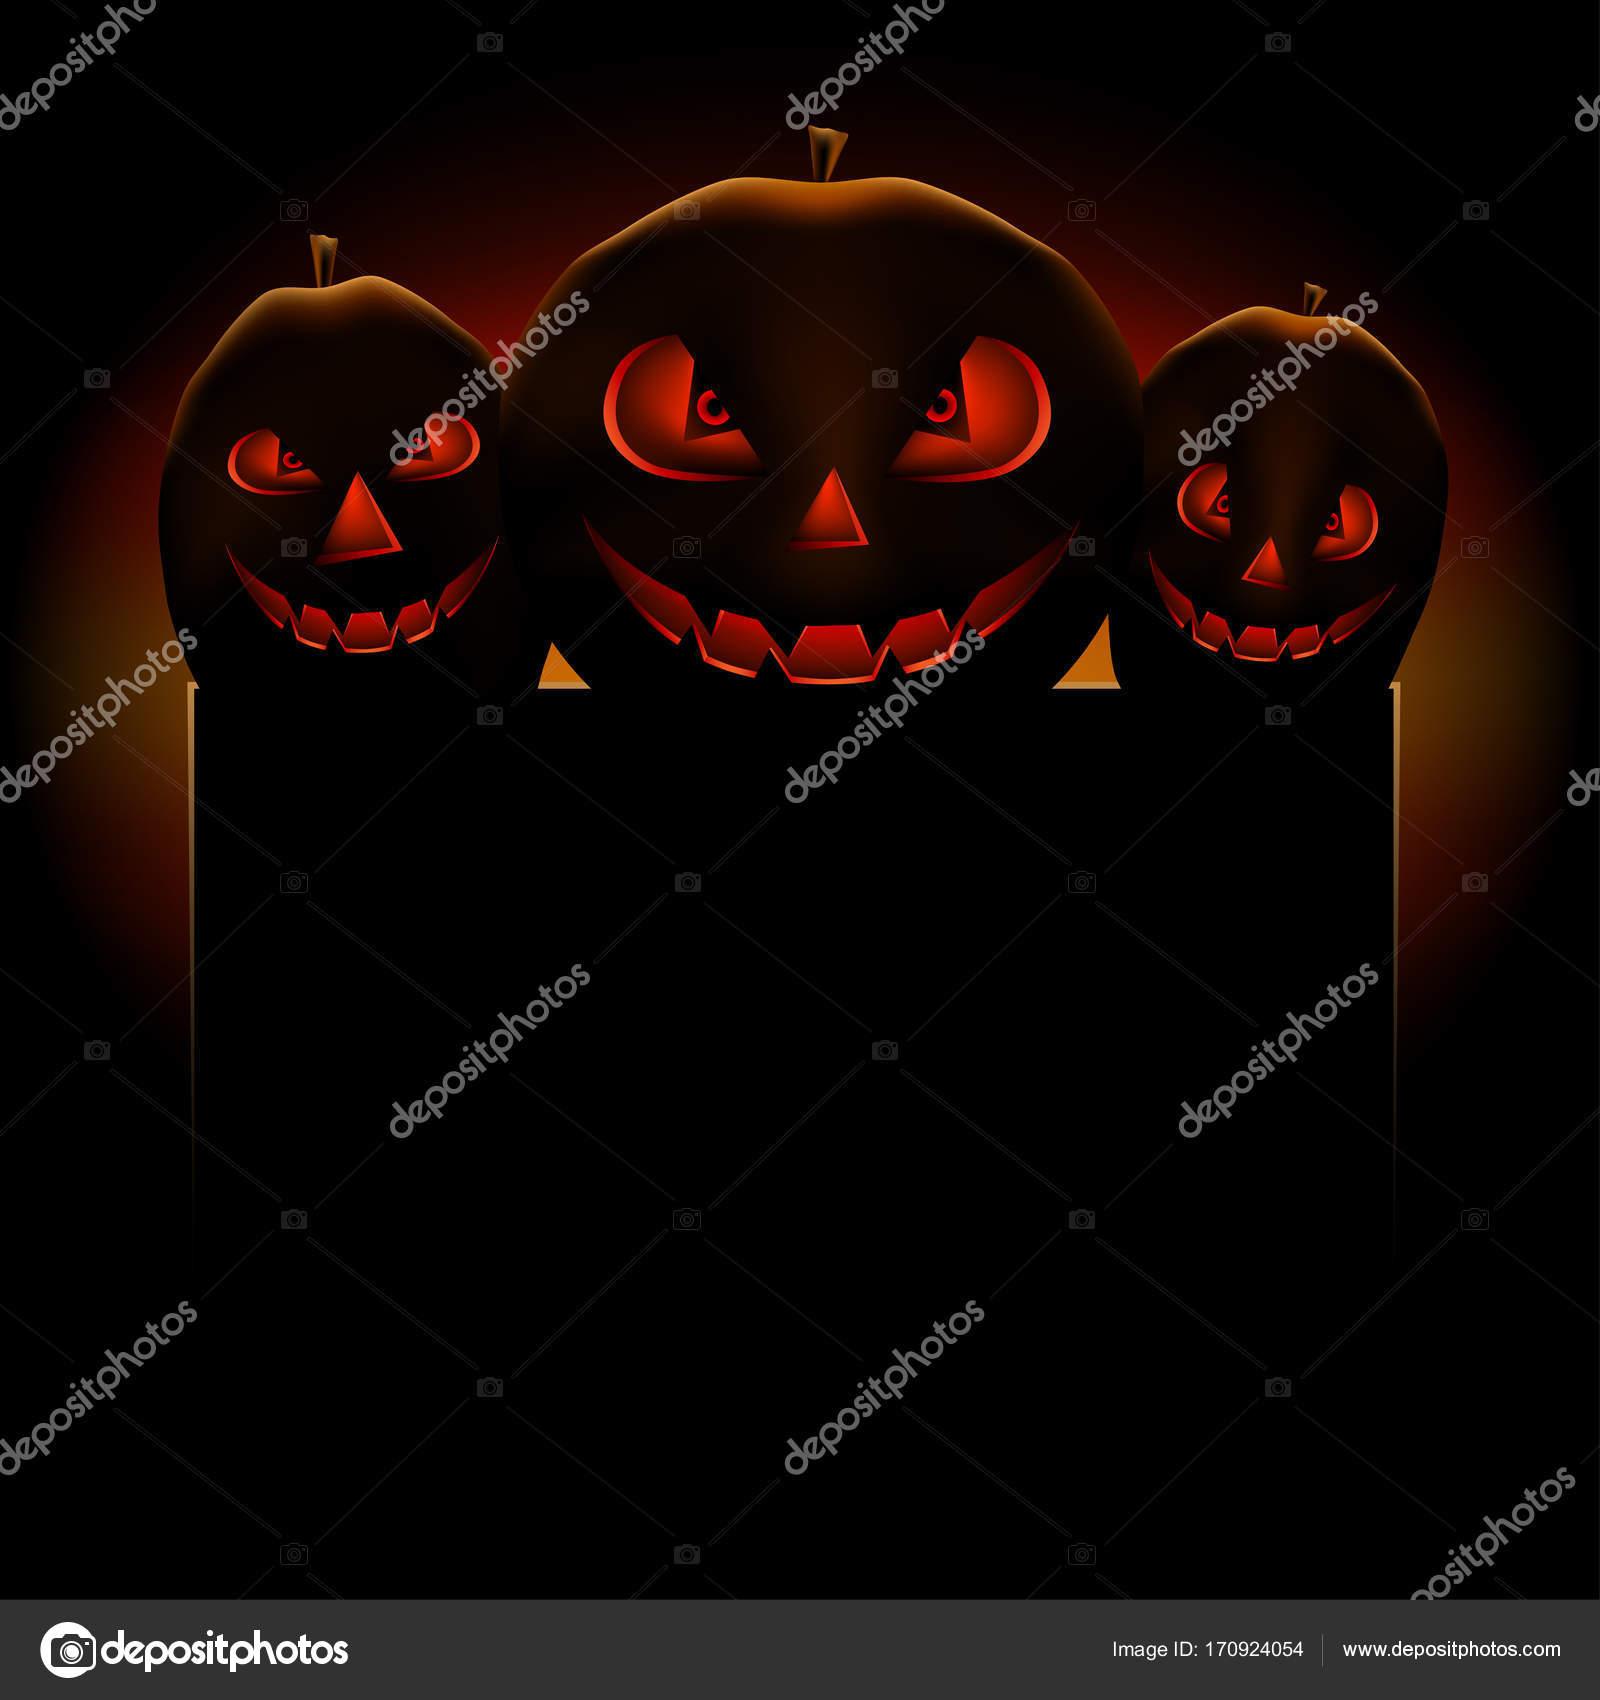 Sjabloon Pompoen Halloween.Halloween Pompoen Tekst Sjabloon Stockvector C Romvo79